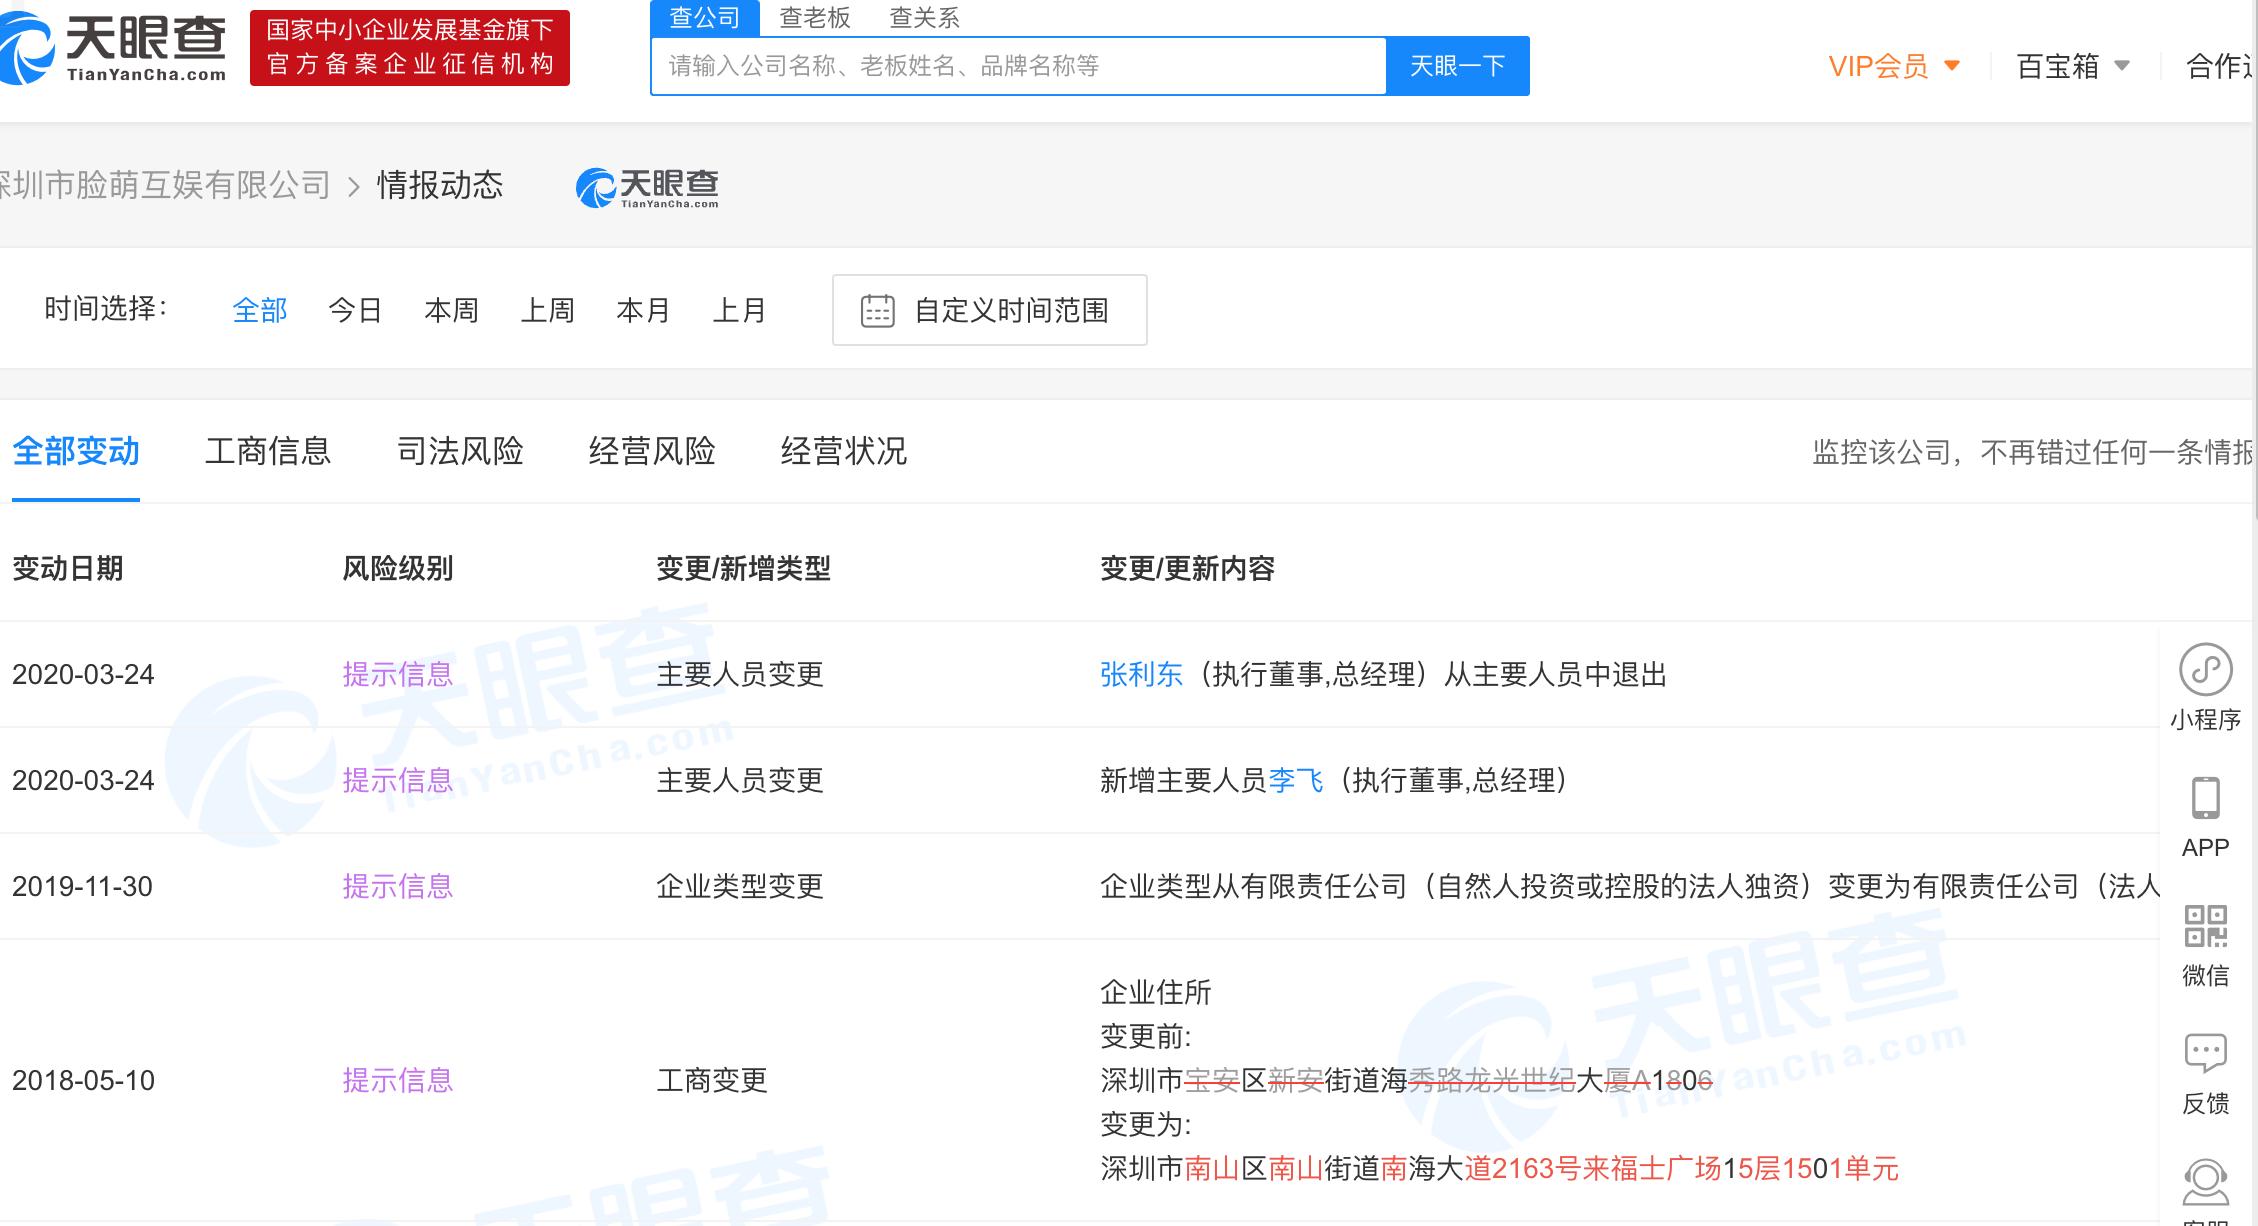 深圳脸萌互娱总经理变更 李飞接任张利东